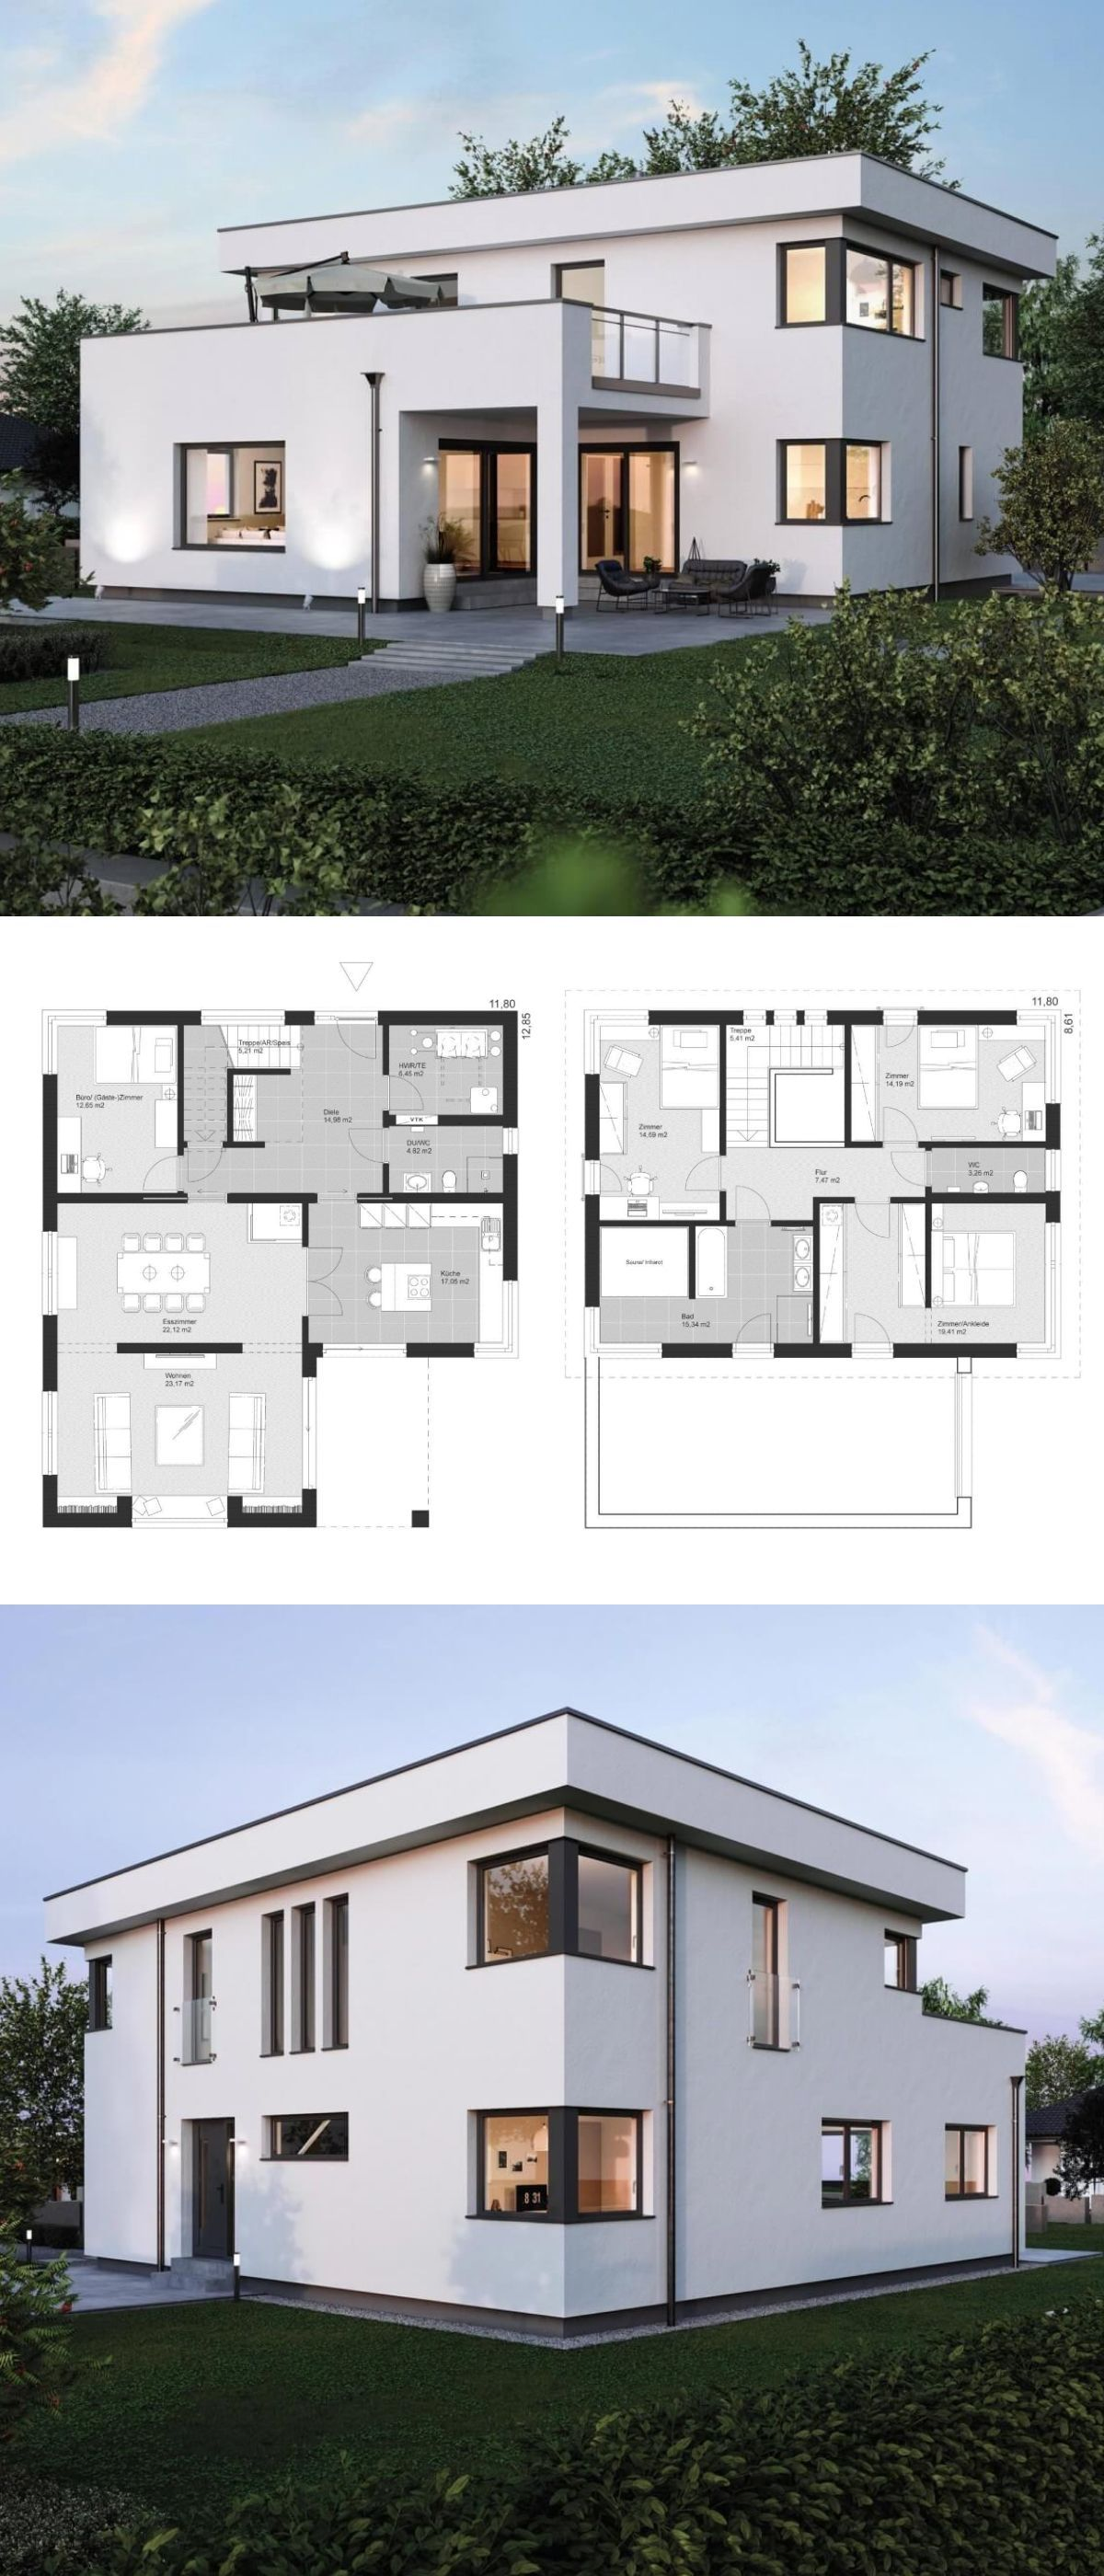 moderne stadtvilla grundriss mit flachdach architektur On moderne häuser grundriss neubau